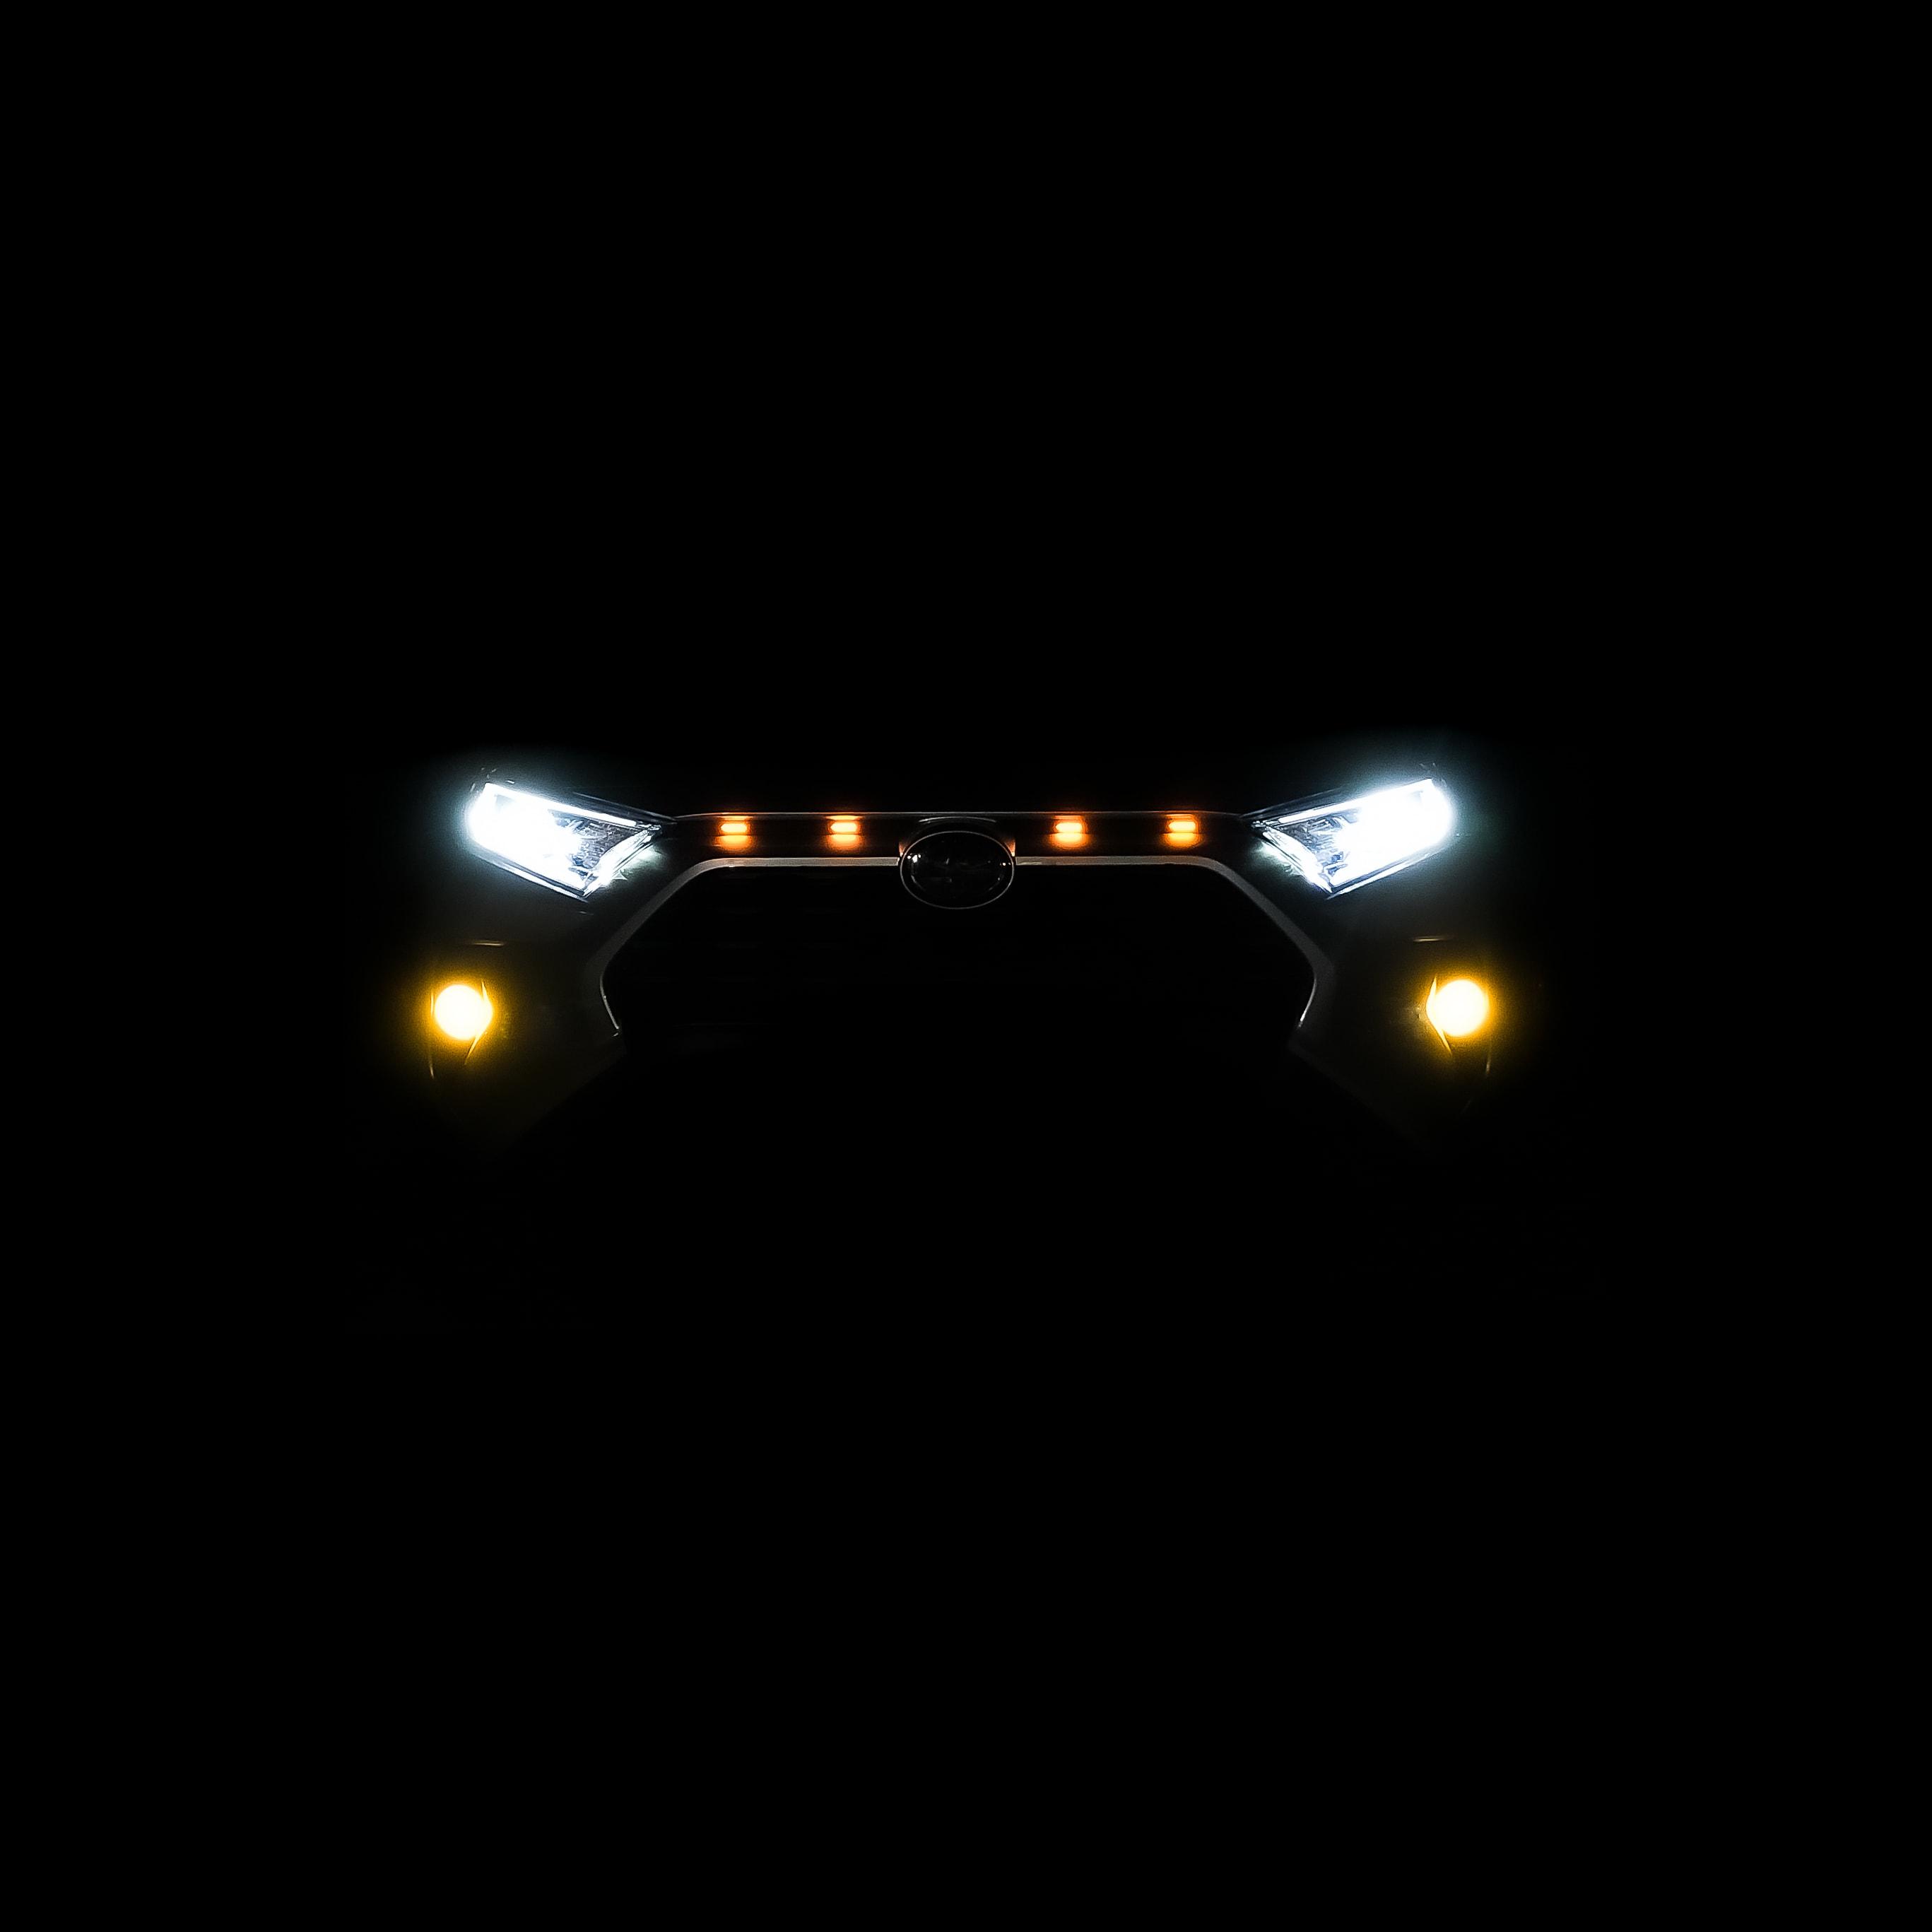 rav4 grille lights amber